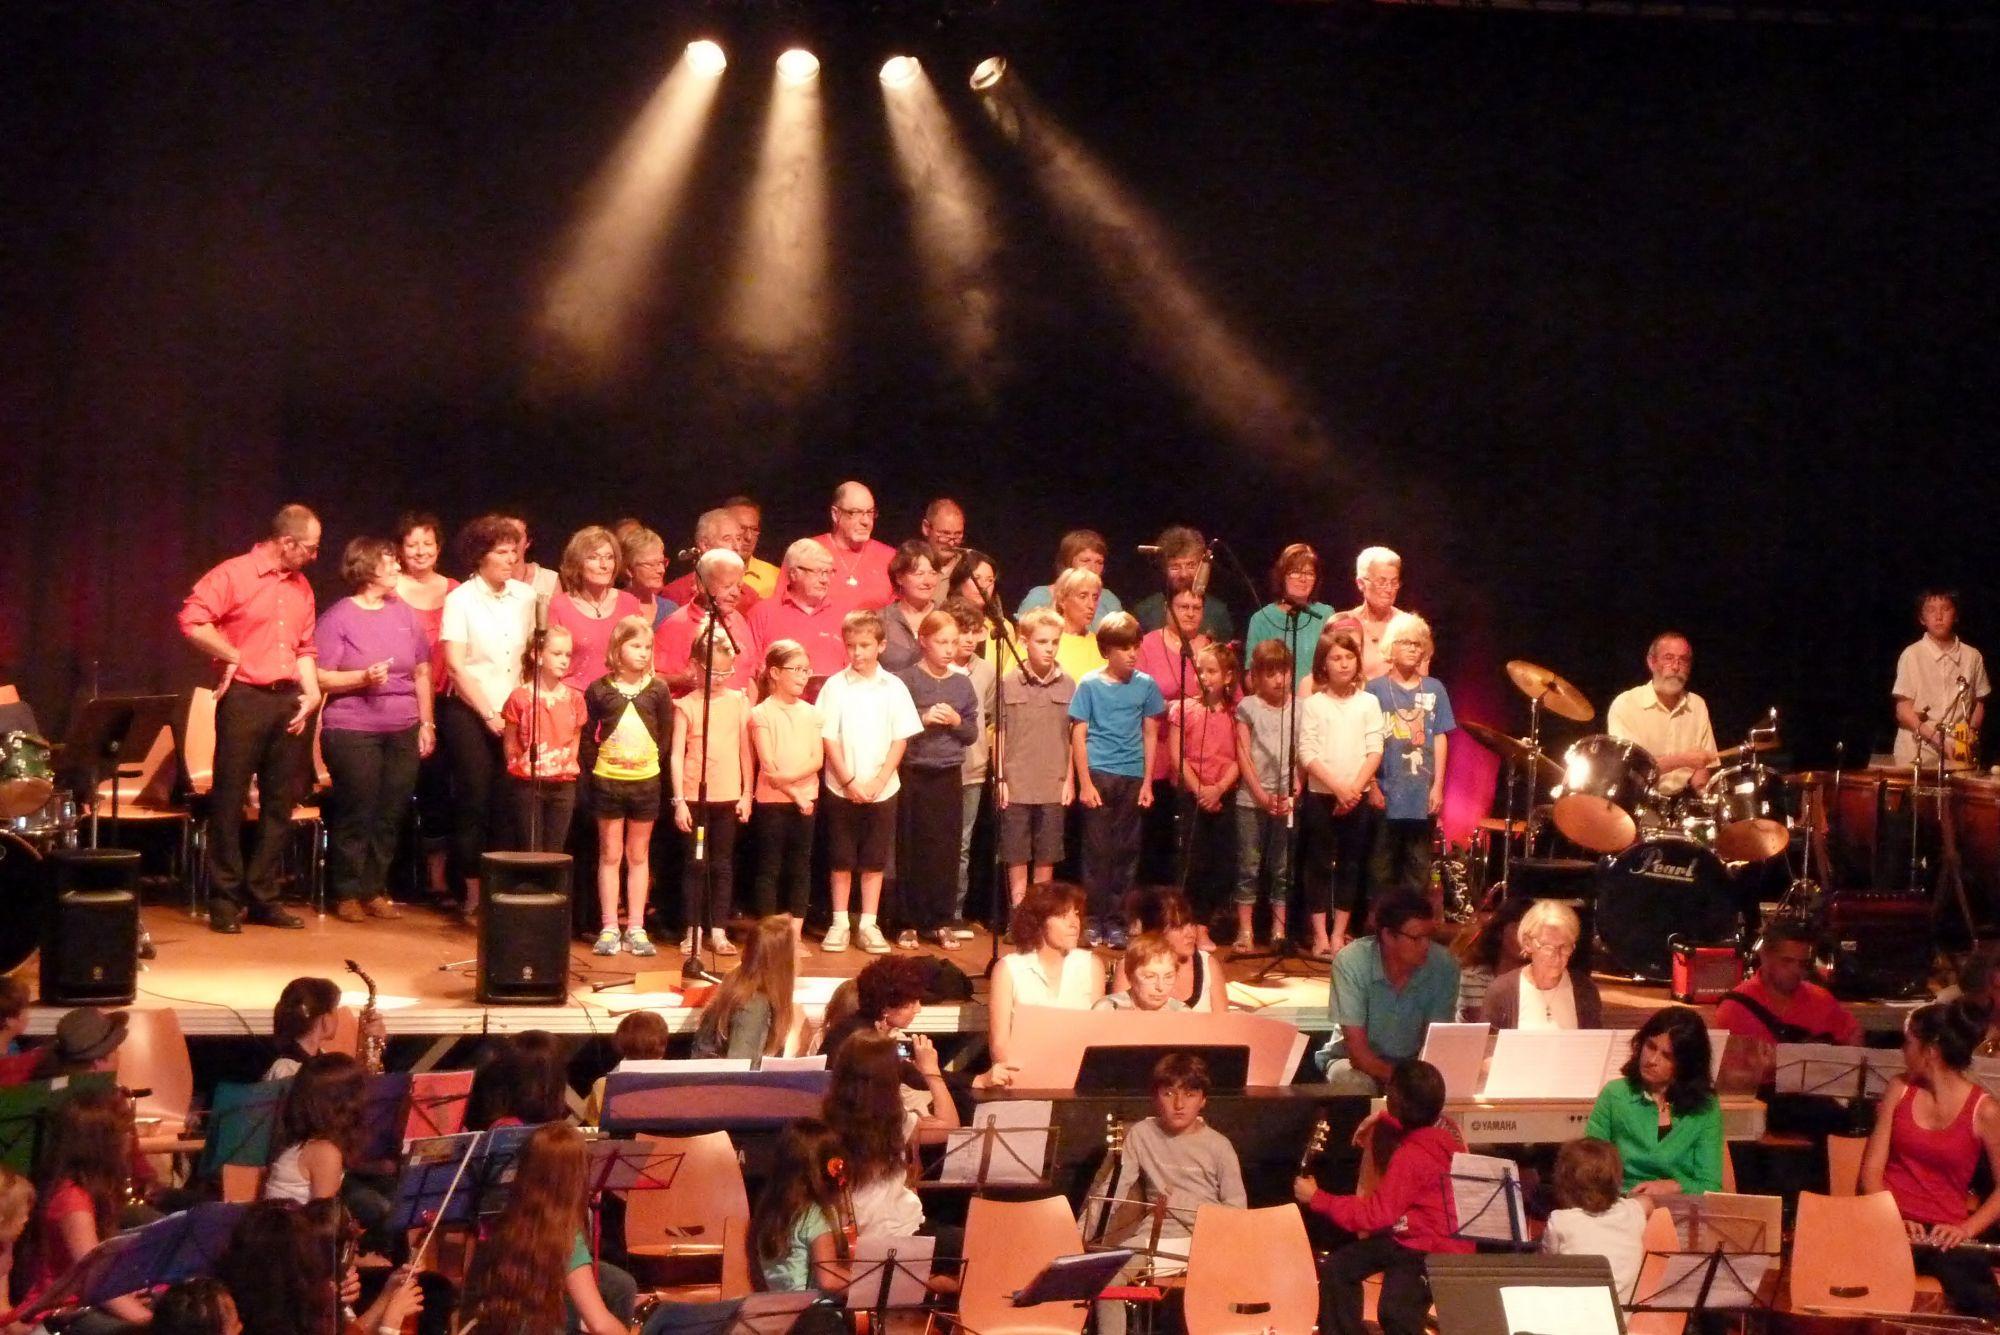 Concertà Allemont avec l'école de musique - 21 juin 2013